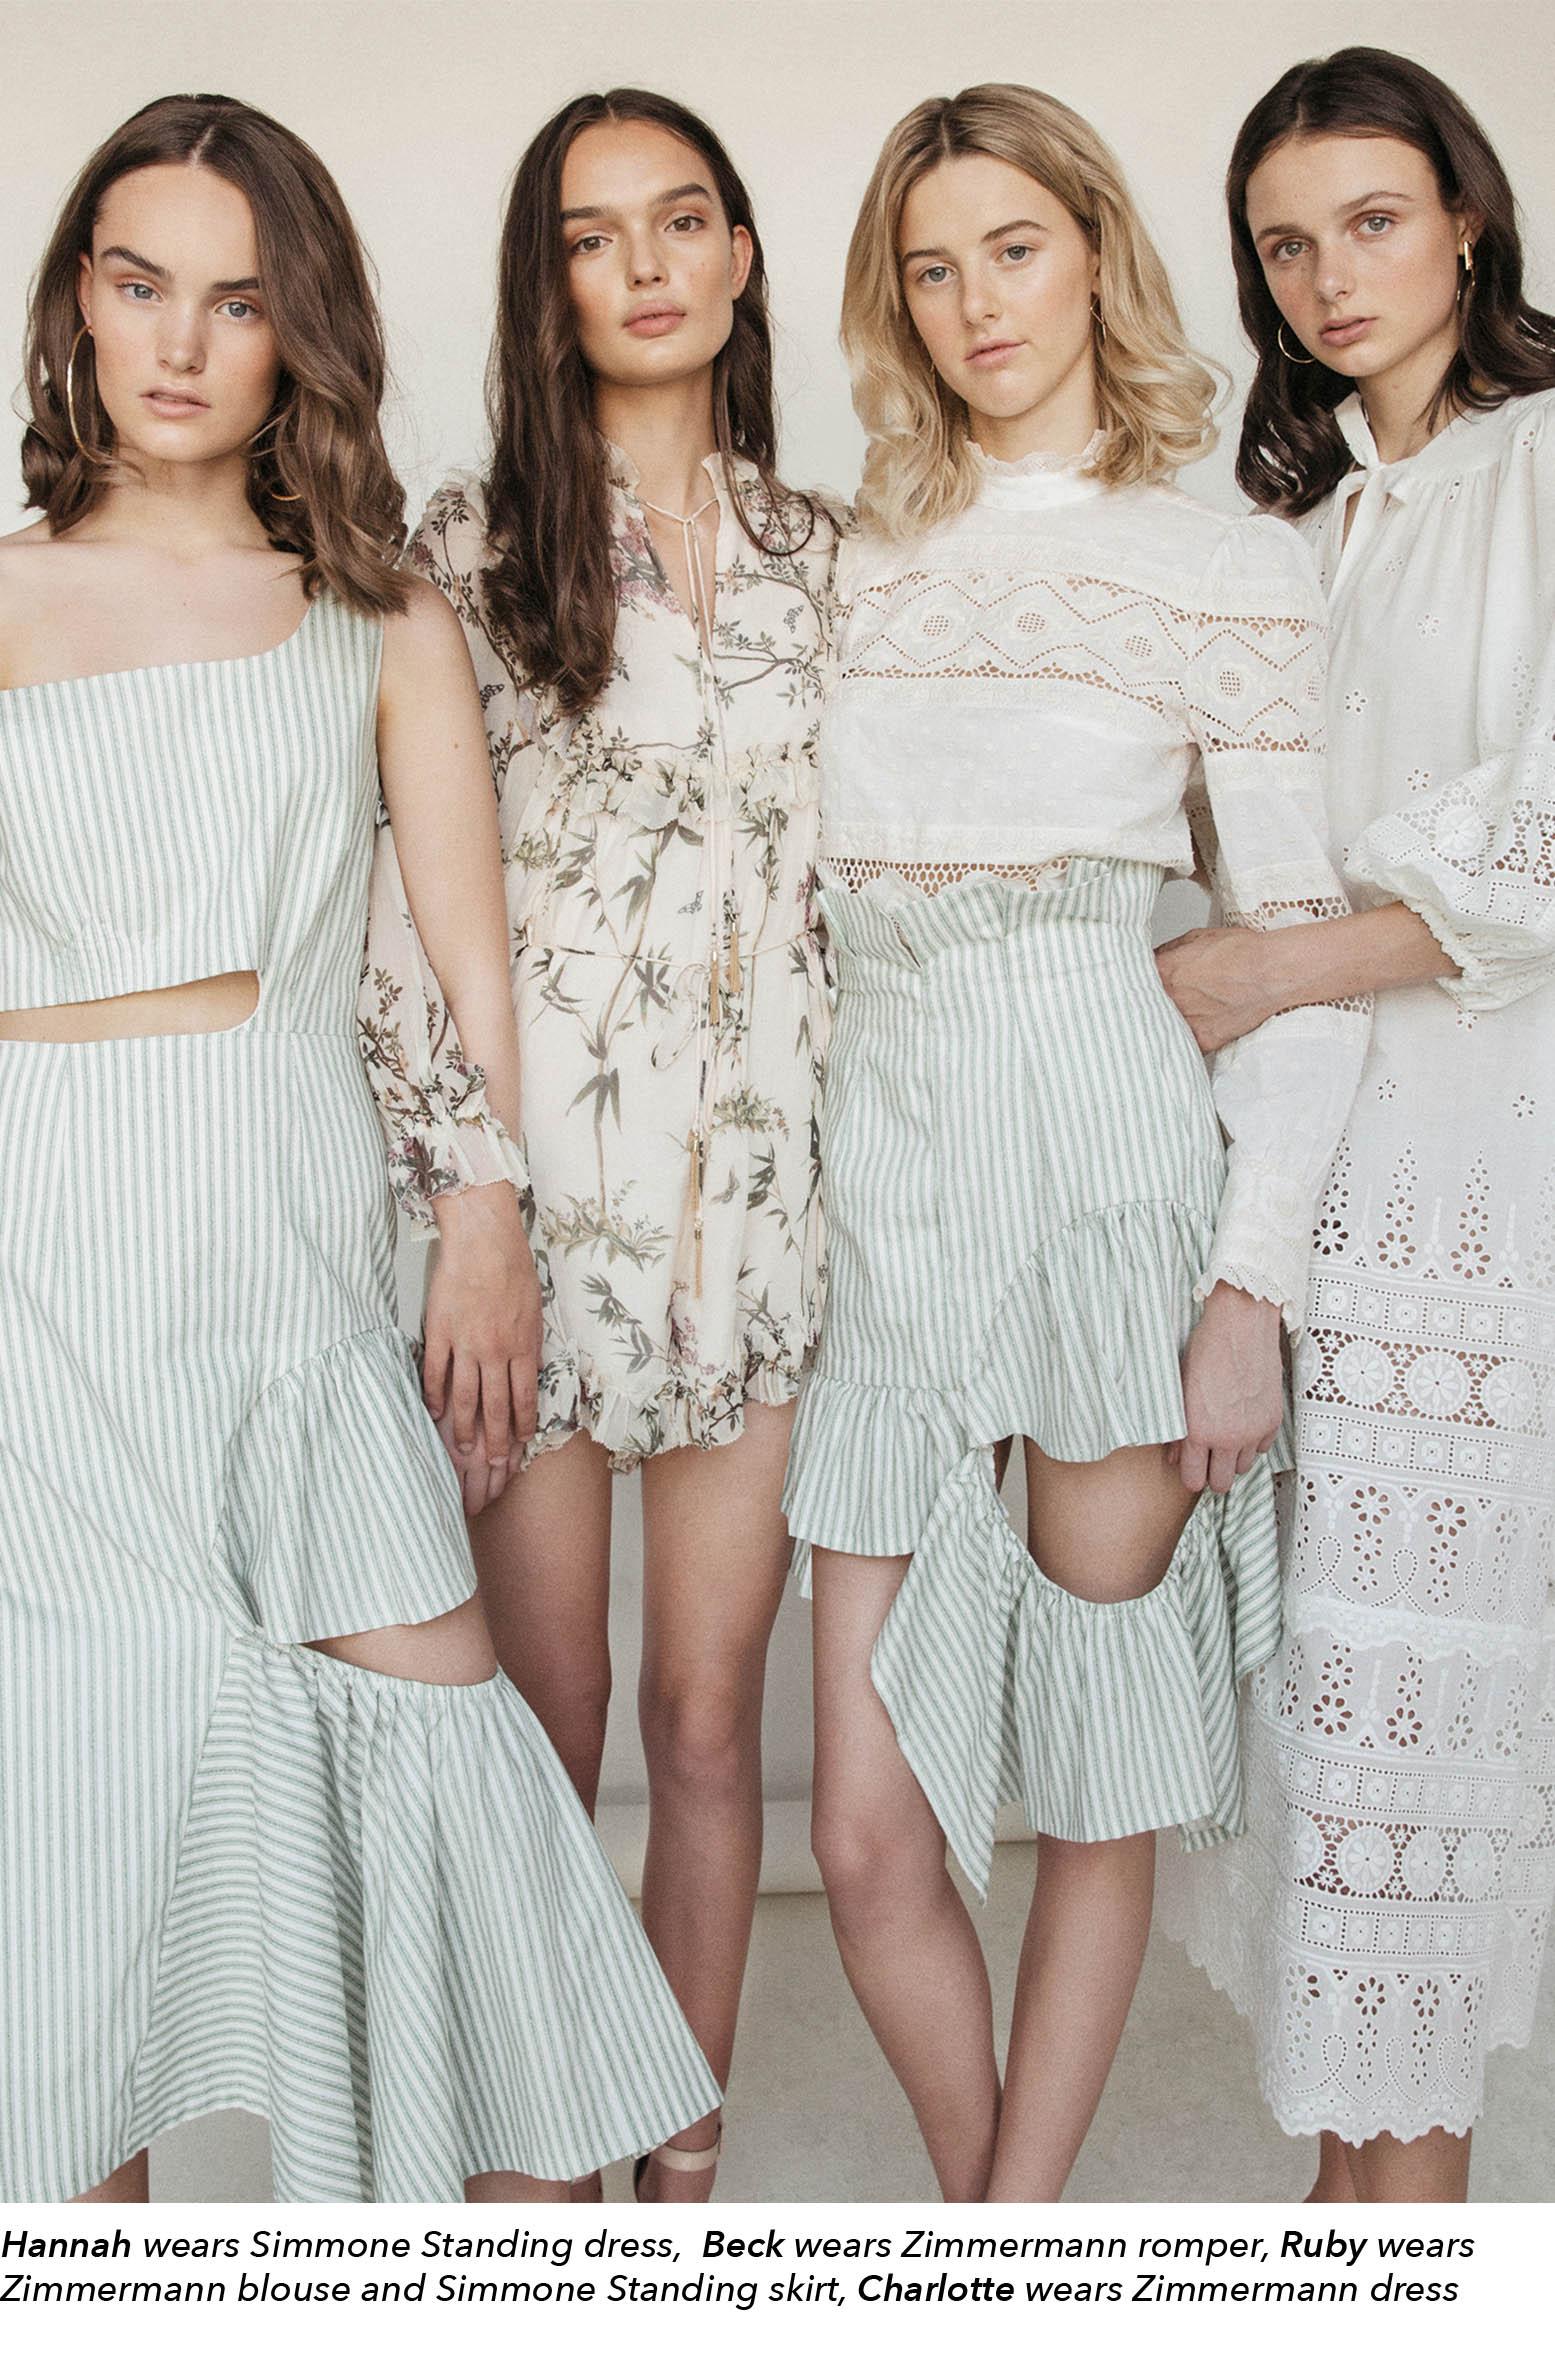 azalea-models-hannah-miller-beck-hume.jpg